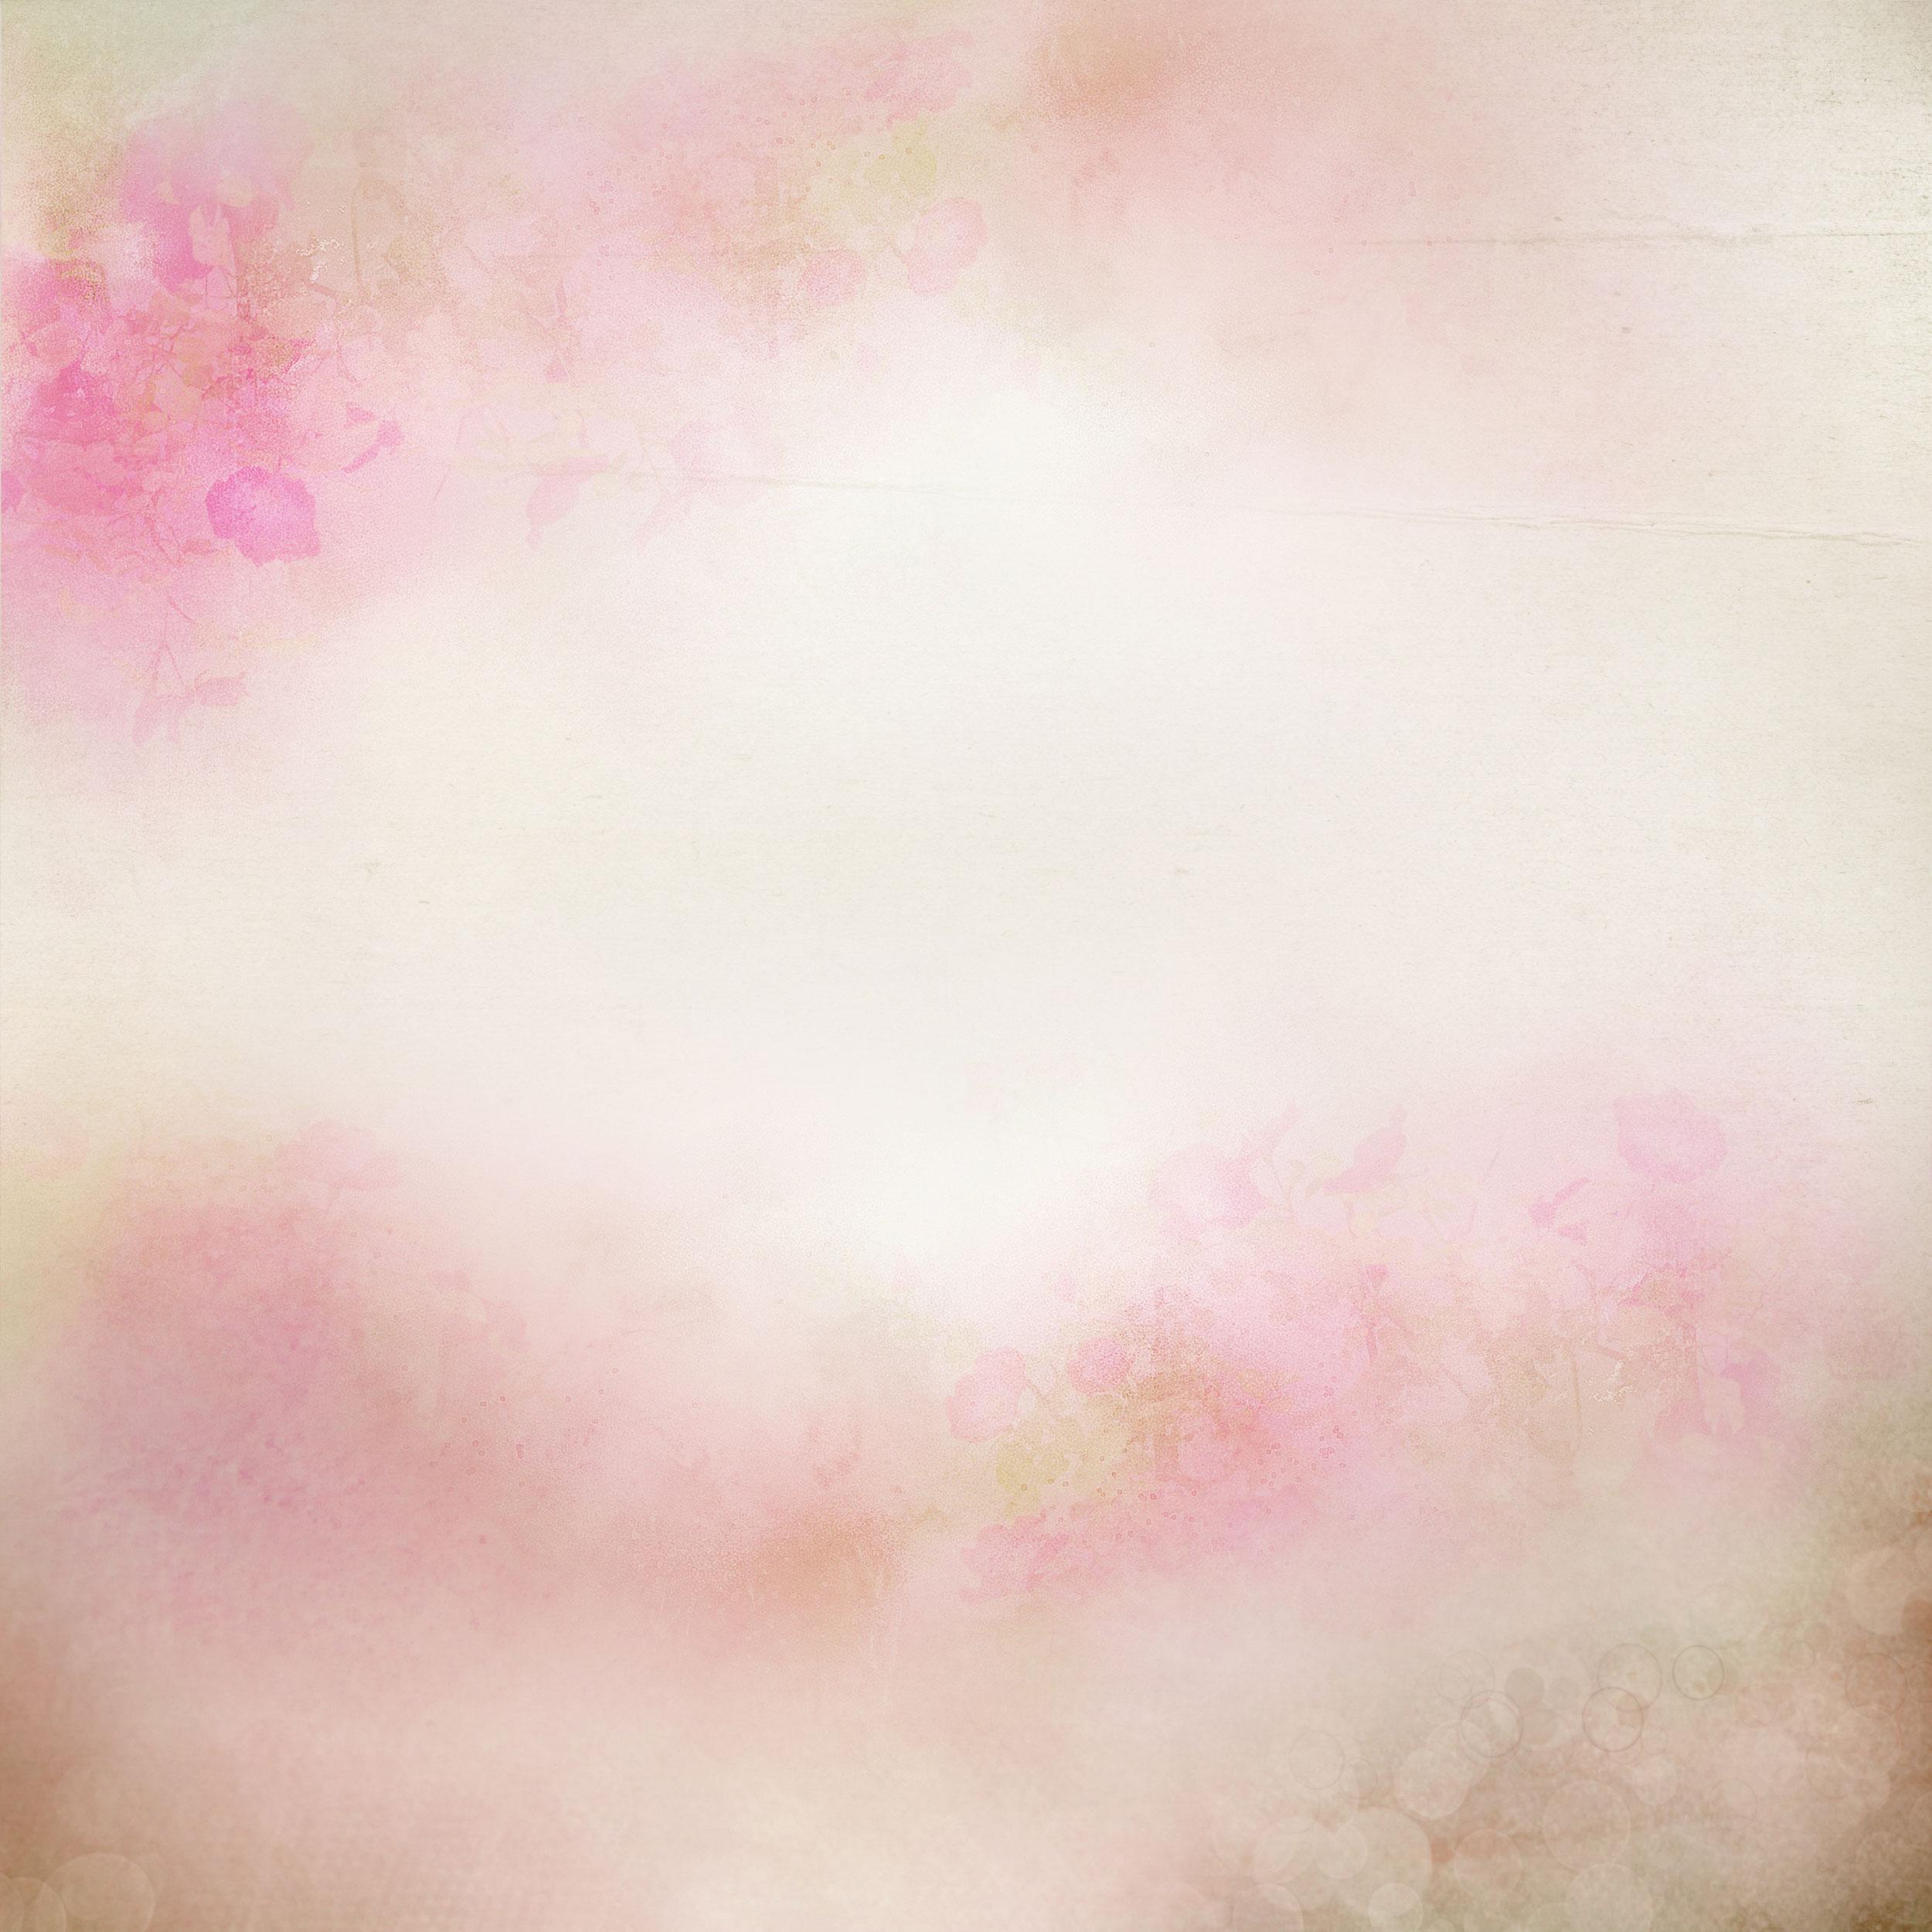 ピンクの花のイラスト『背景・壁紙用』/無料のフリー素材集【百花繚乱】